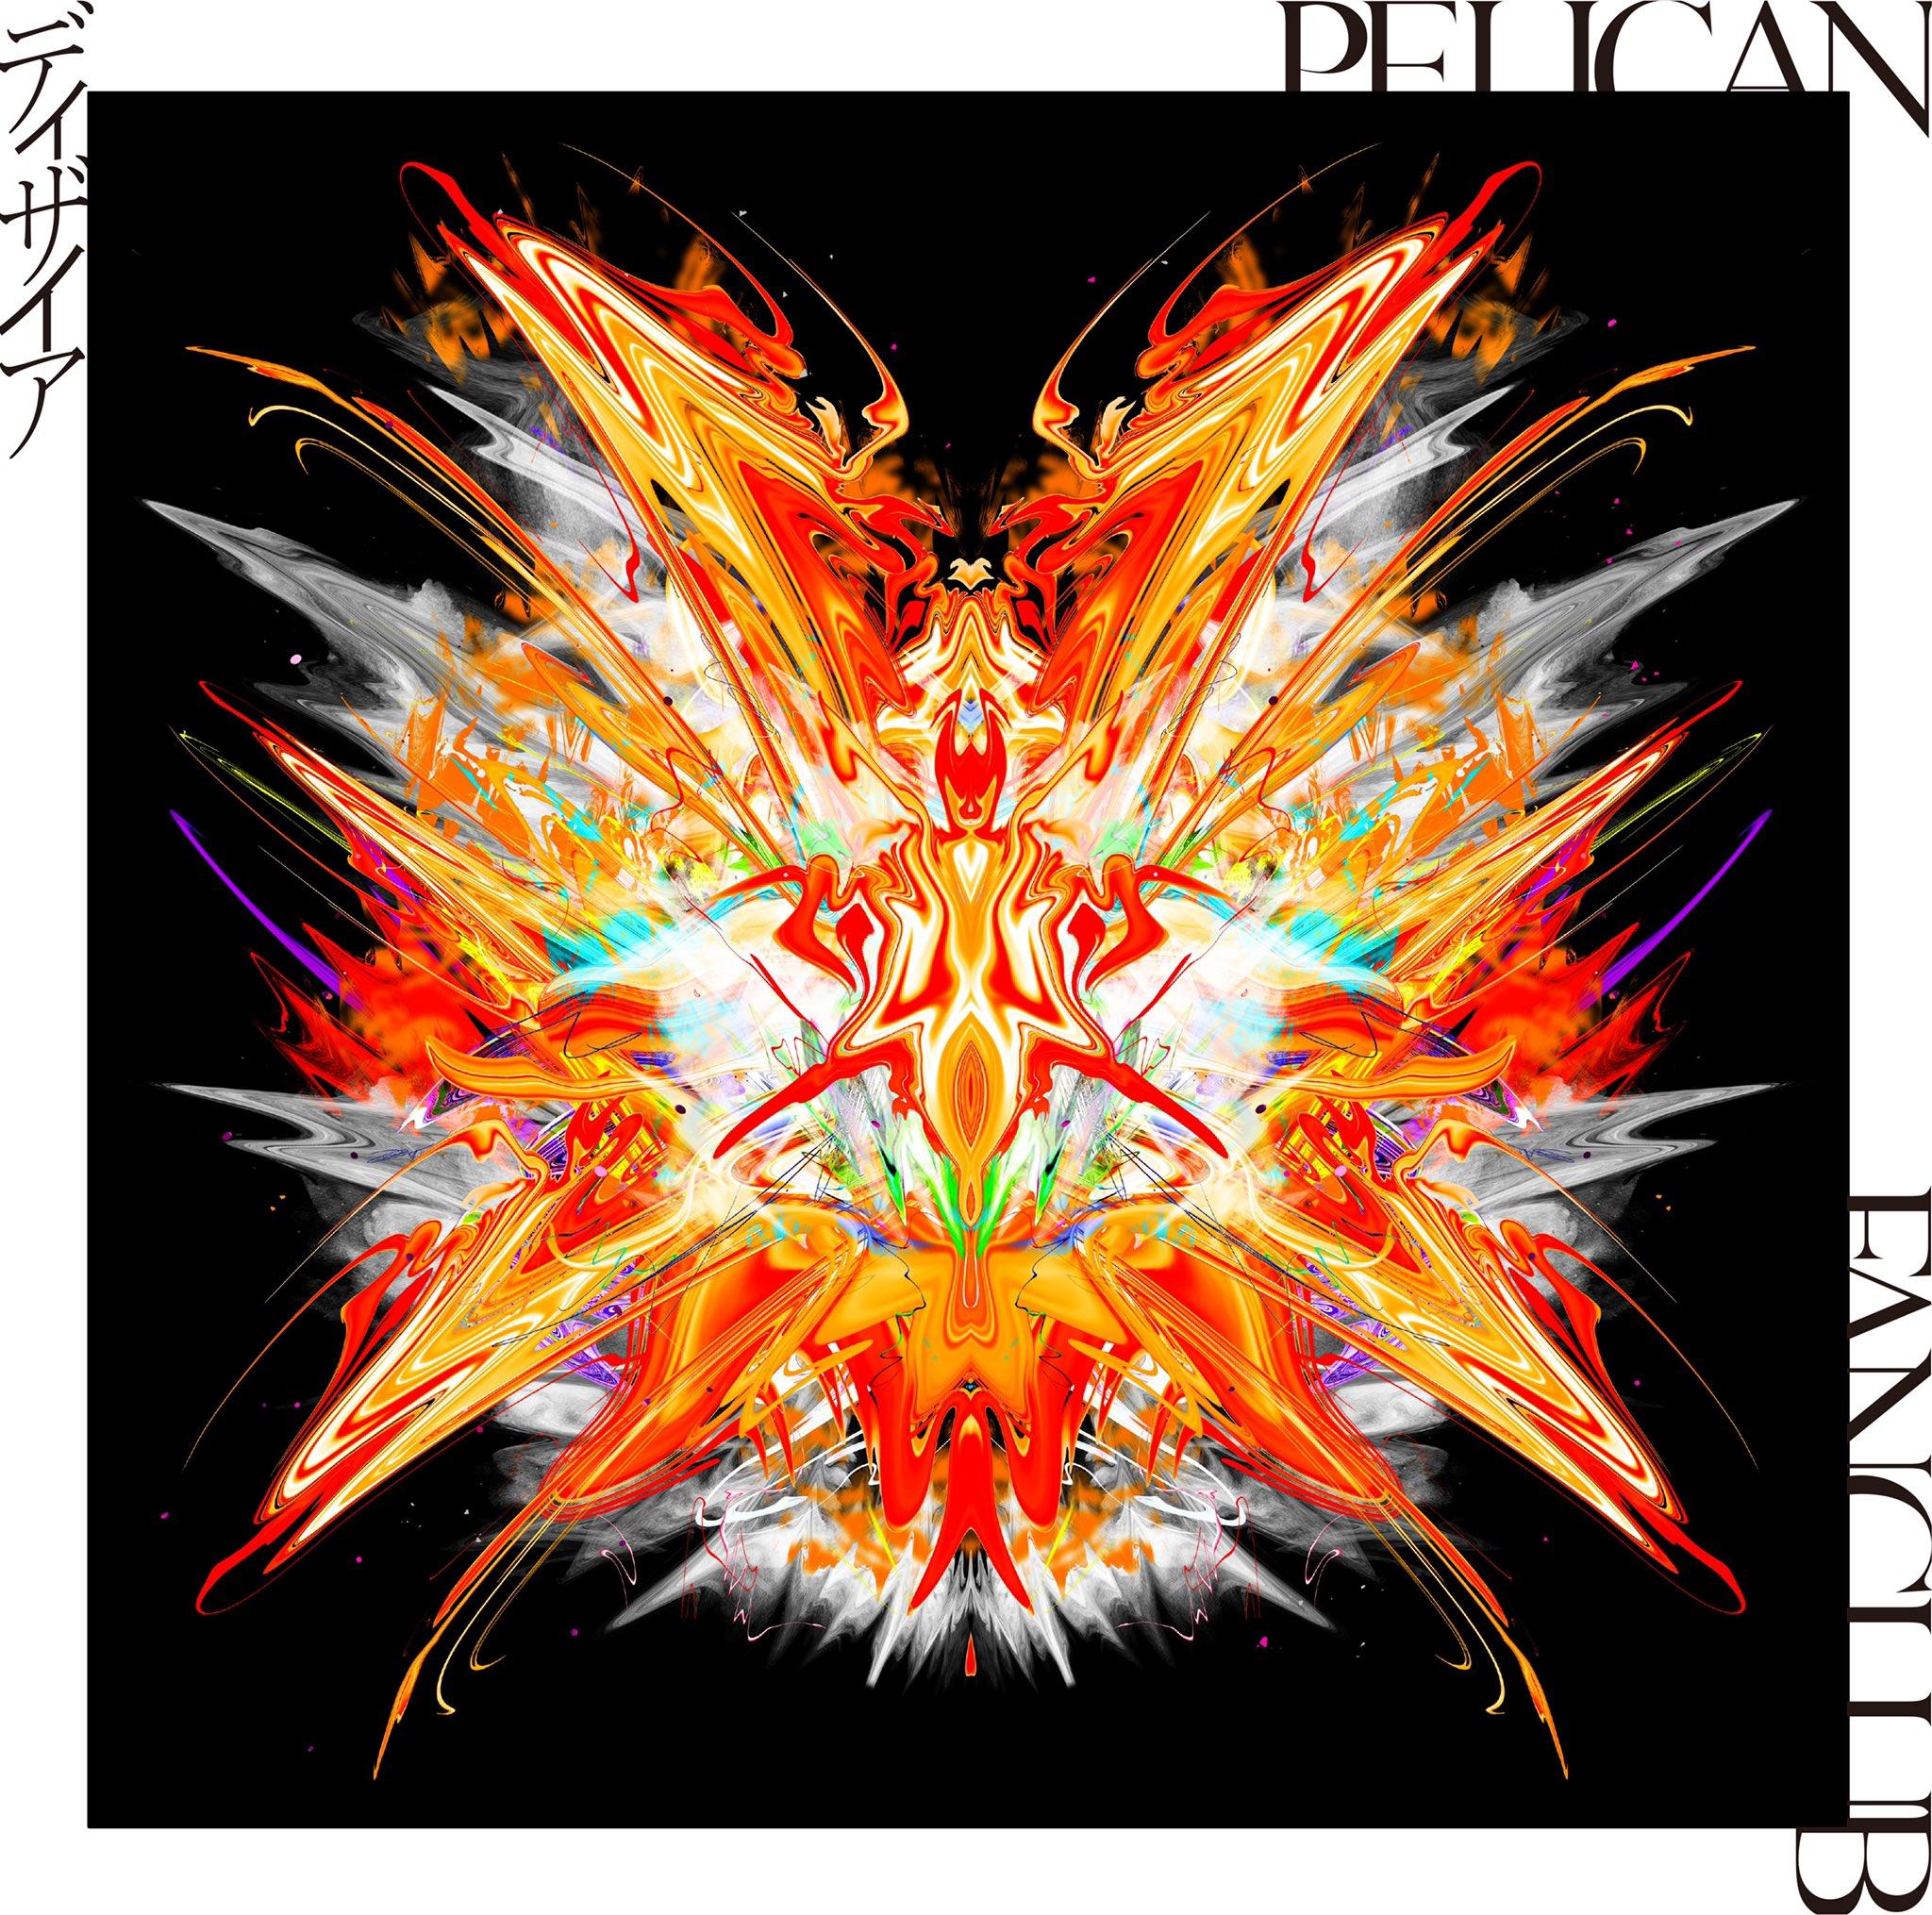 PELICAN FANCLUB - ディザイア [2020.10.03+MP3+RAR]